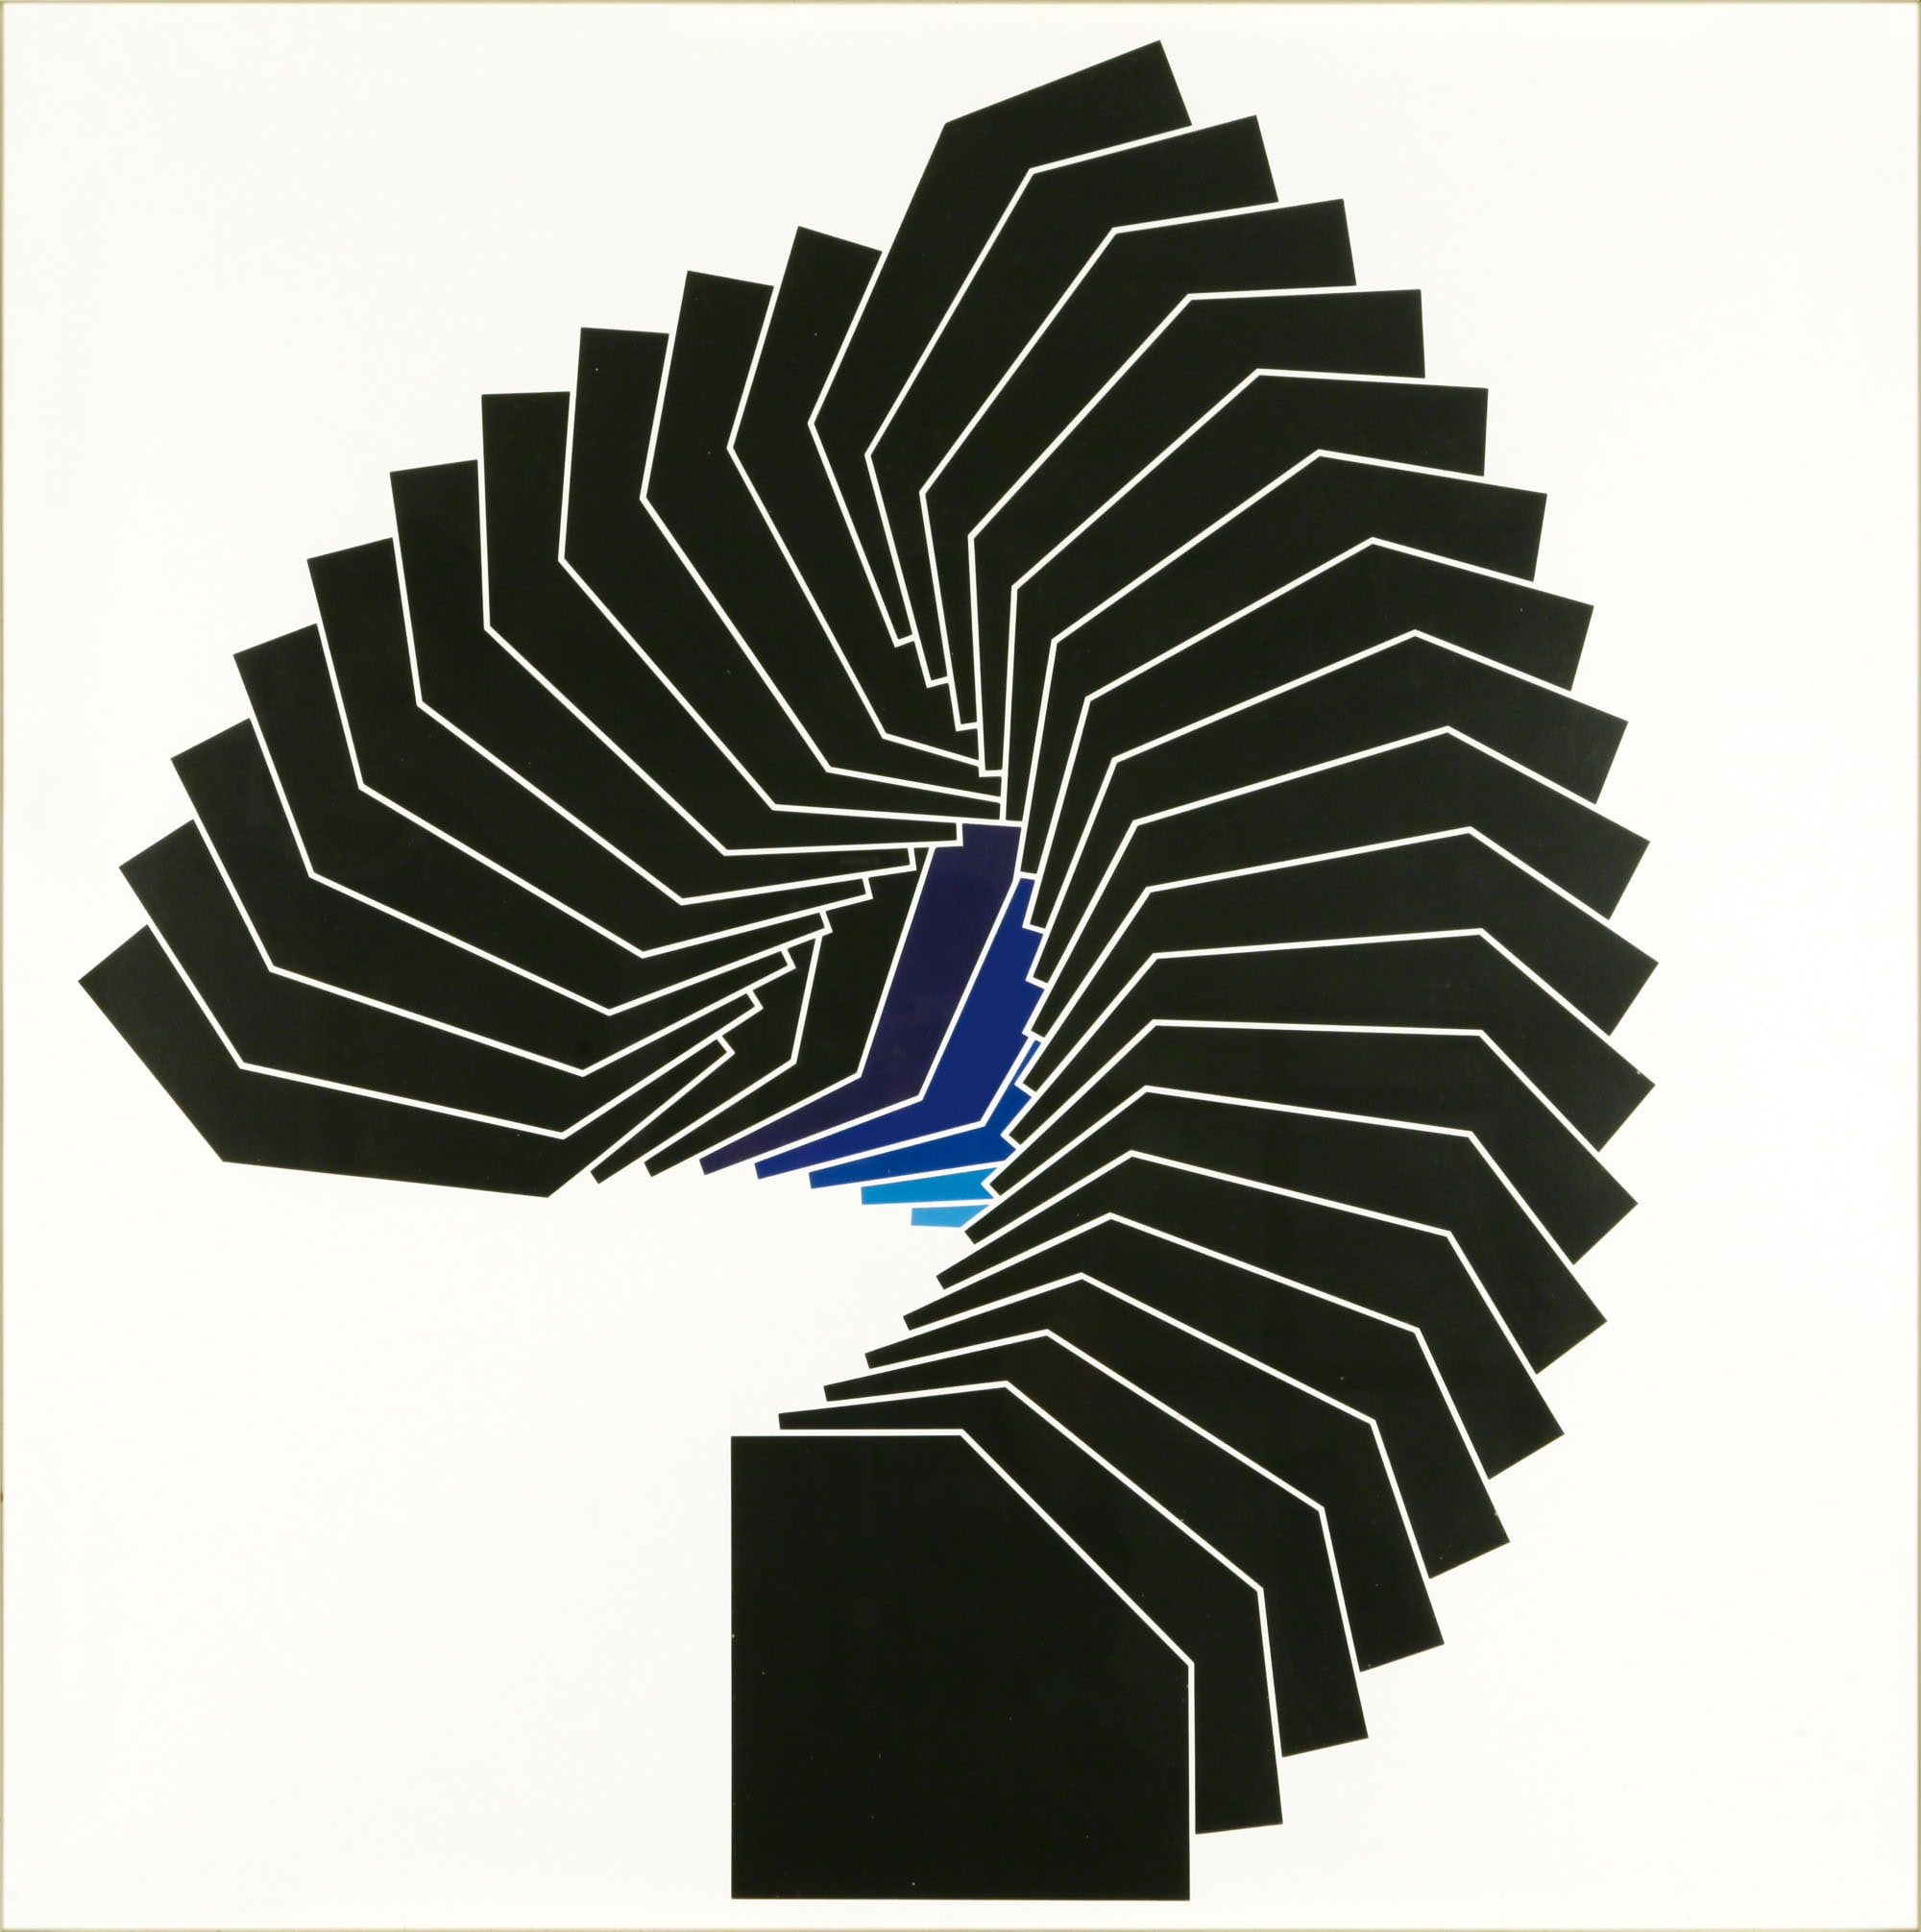 Franco Grignani, Periodica 159, acrilico su cartoncino, 70x70 cm, 1967 (Collezione Lorenzelli Arte, Milano)